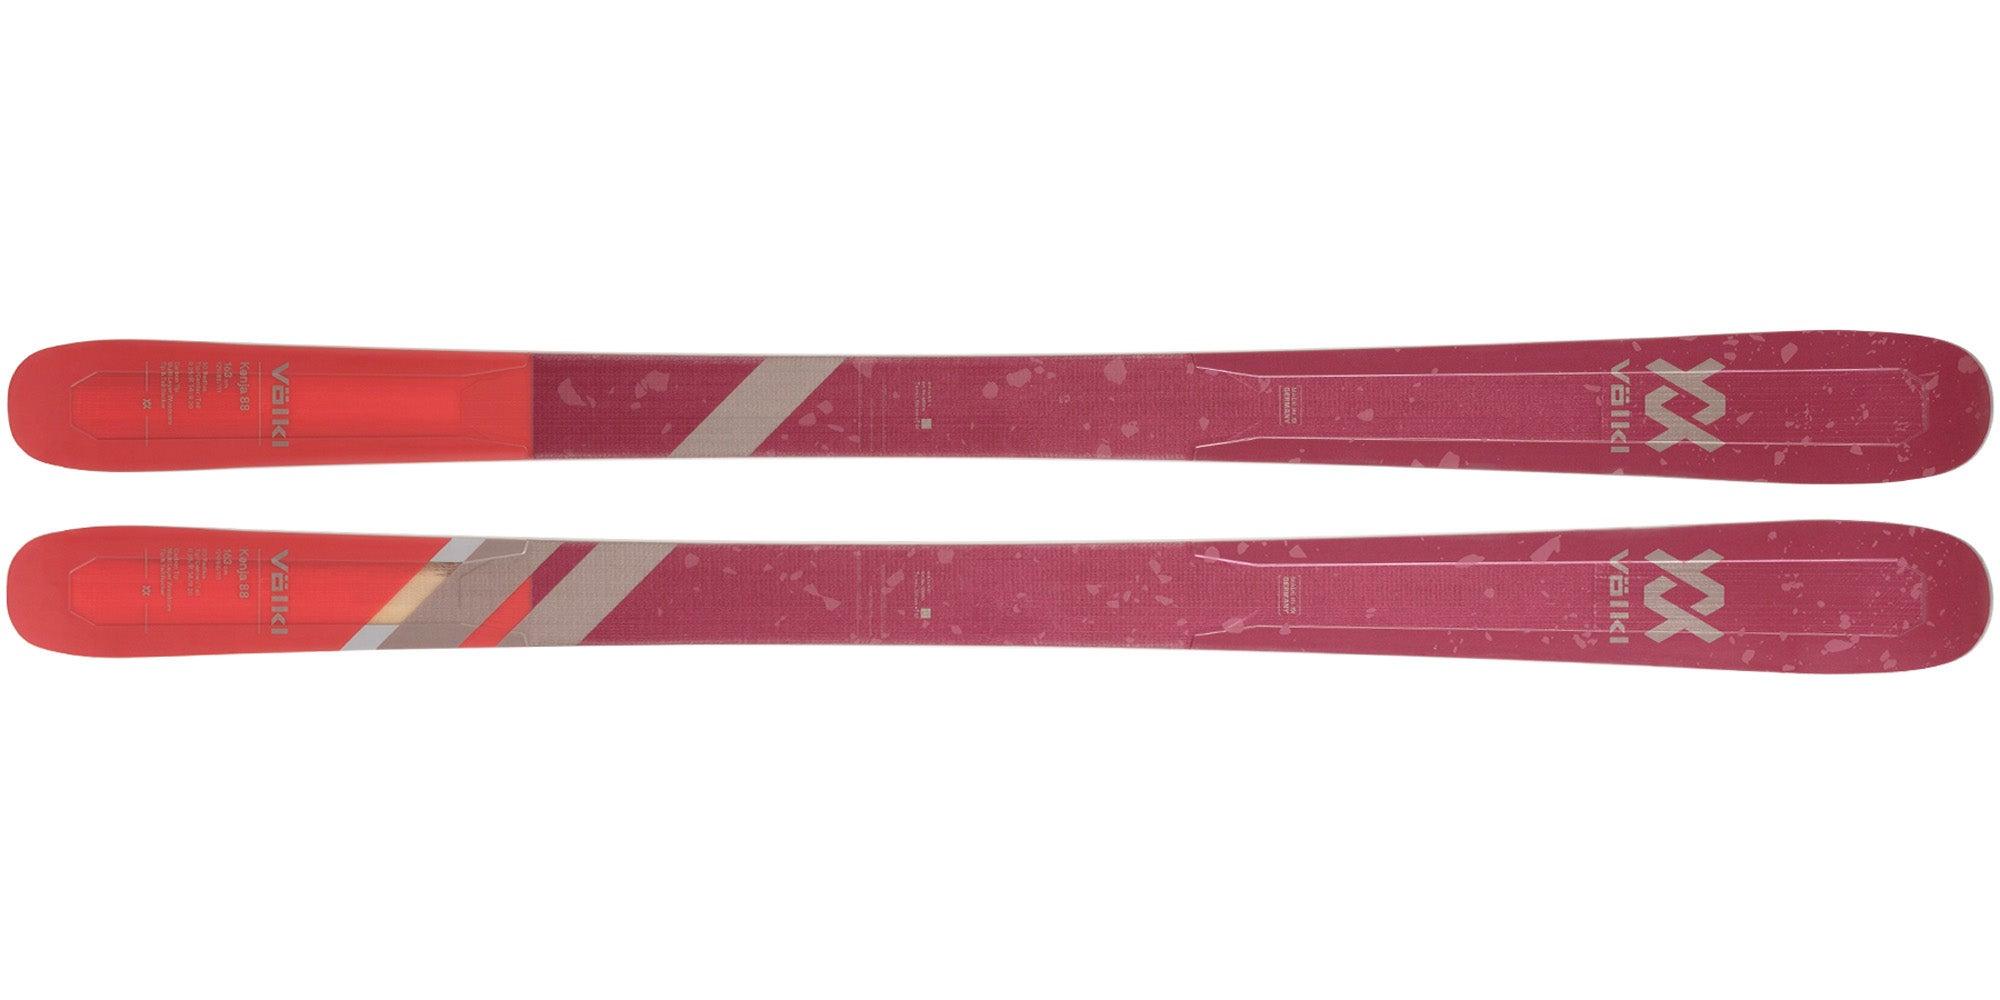 The 2021 Völkl Kenja 88 Women's Frontside Ski